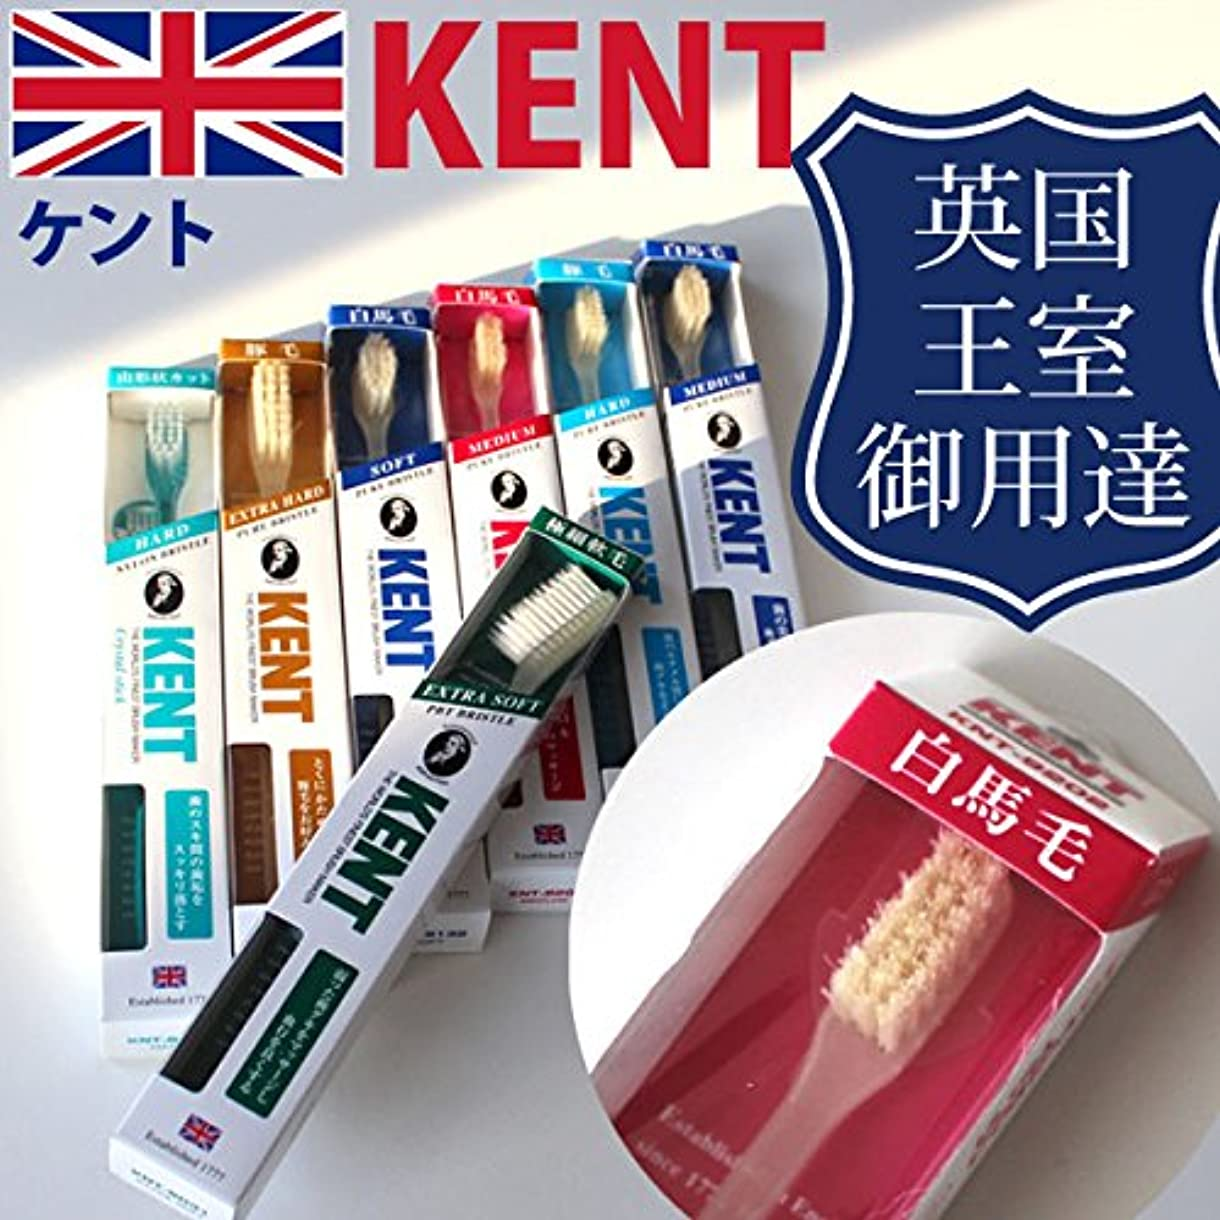 古代海里警告ケント KENT 白馬毛 超コンパクト歯ブラシ KNT-9102/9202 6本入り 他のコンパクトヘッドに比べて歯 ふつう